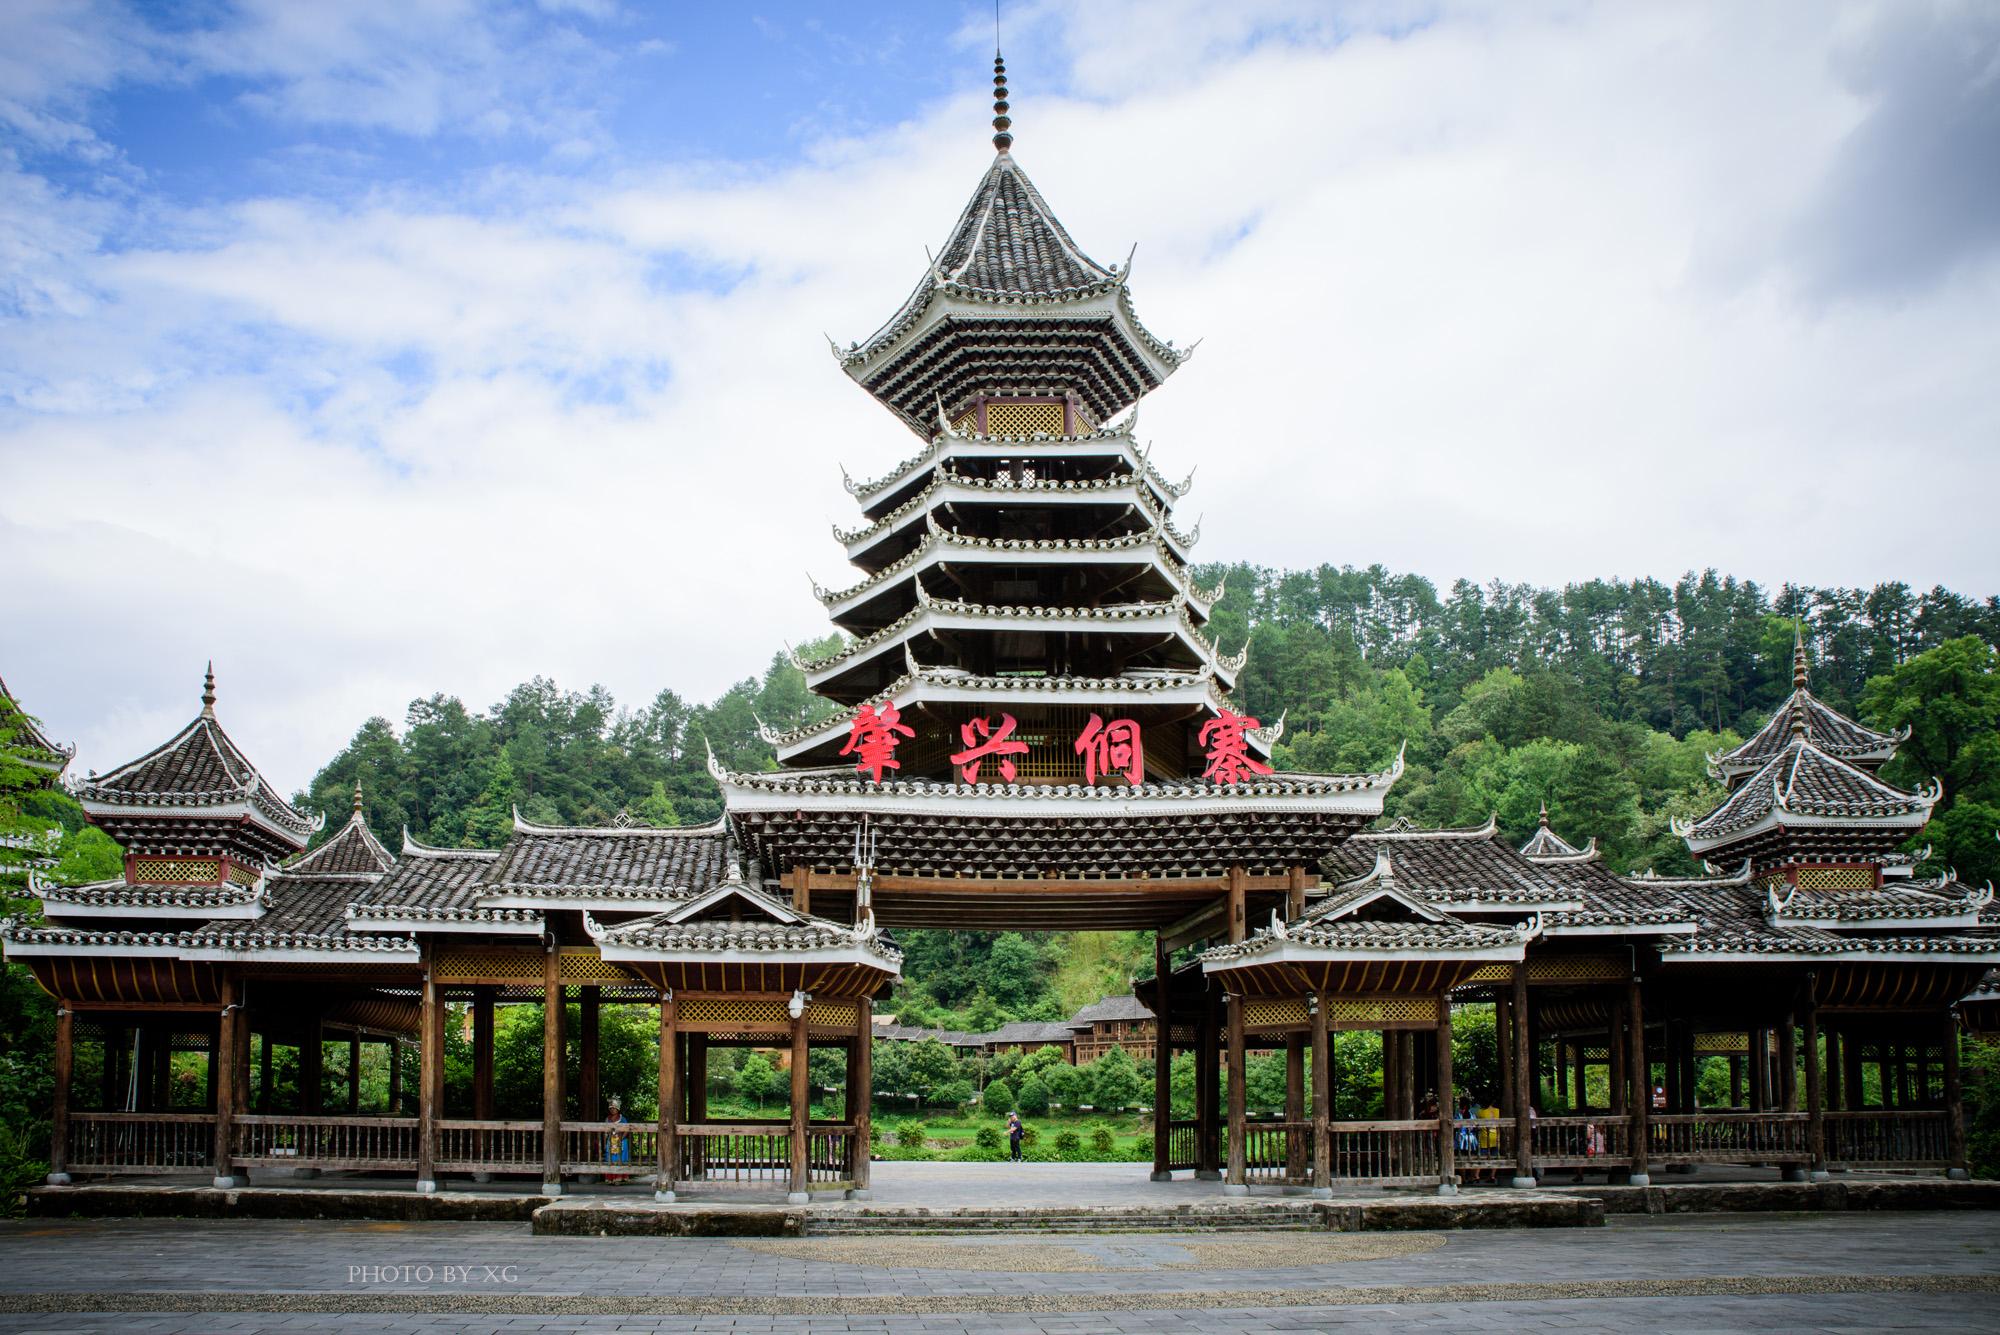 中国最美的六大古村之一,藏于贵州黔东南,拥有着吉尼斯世界之最